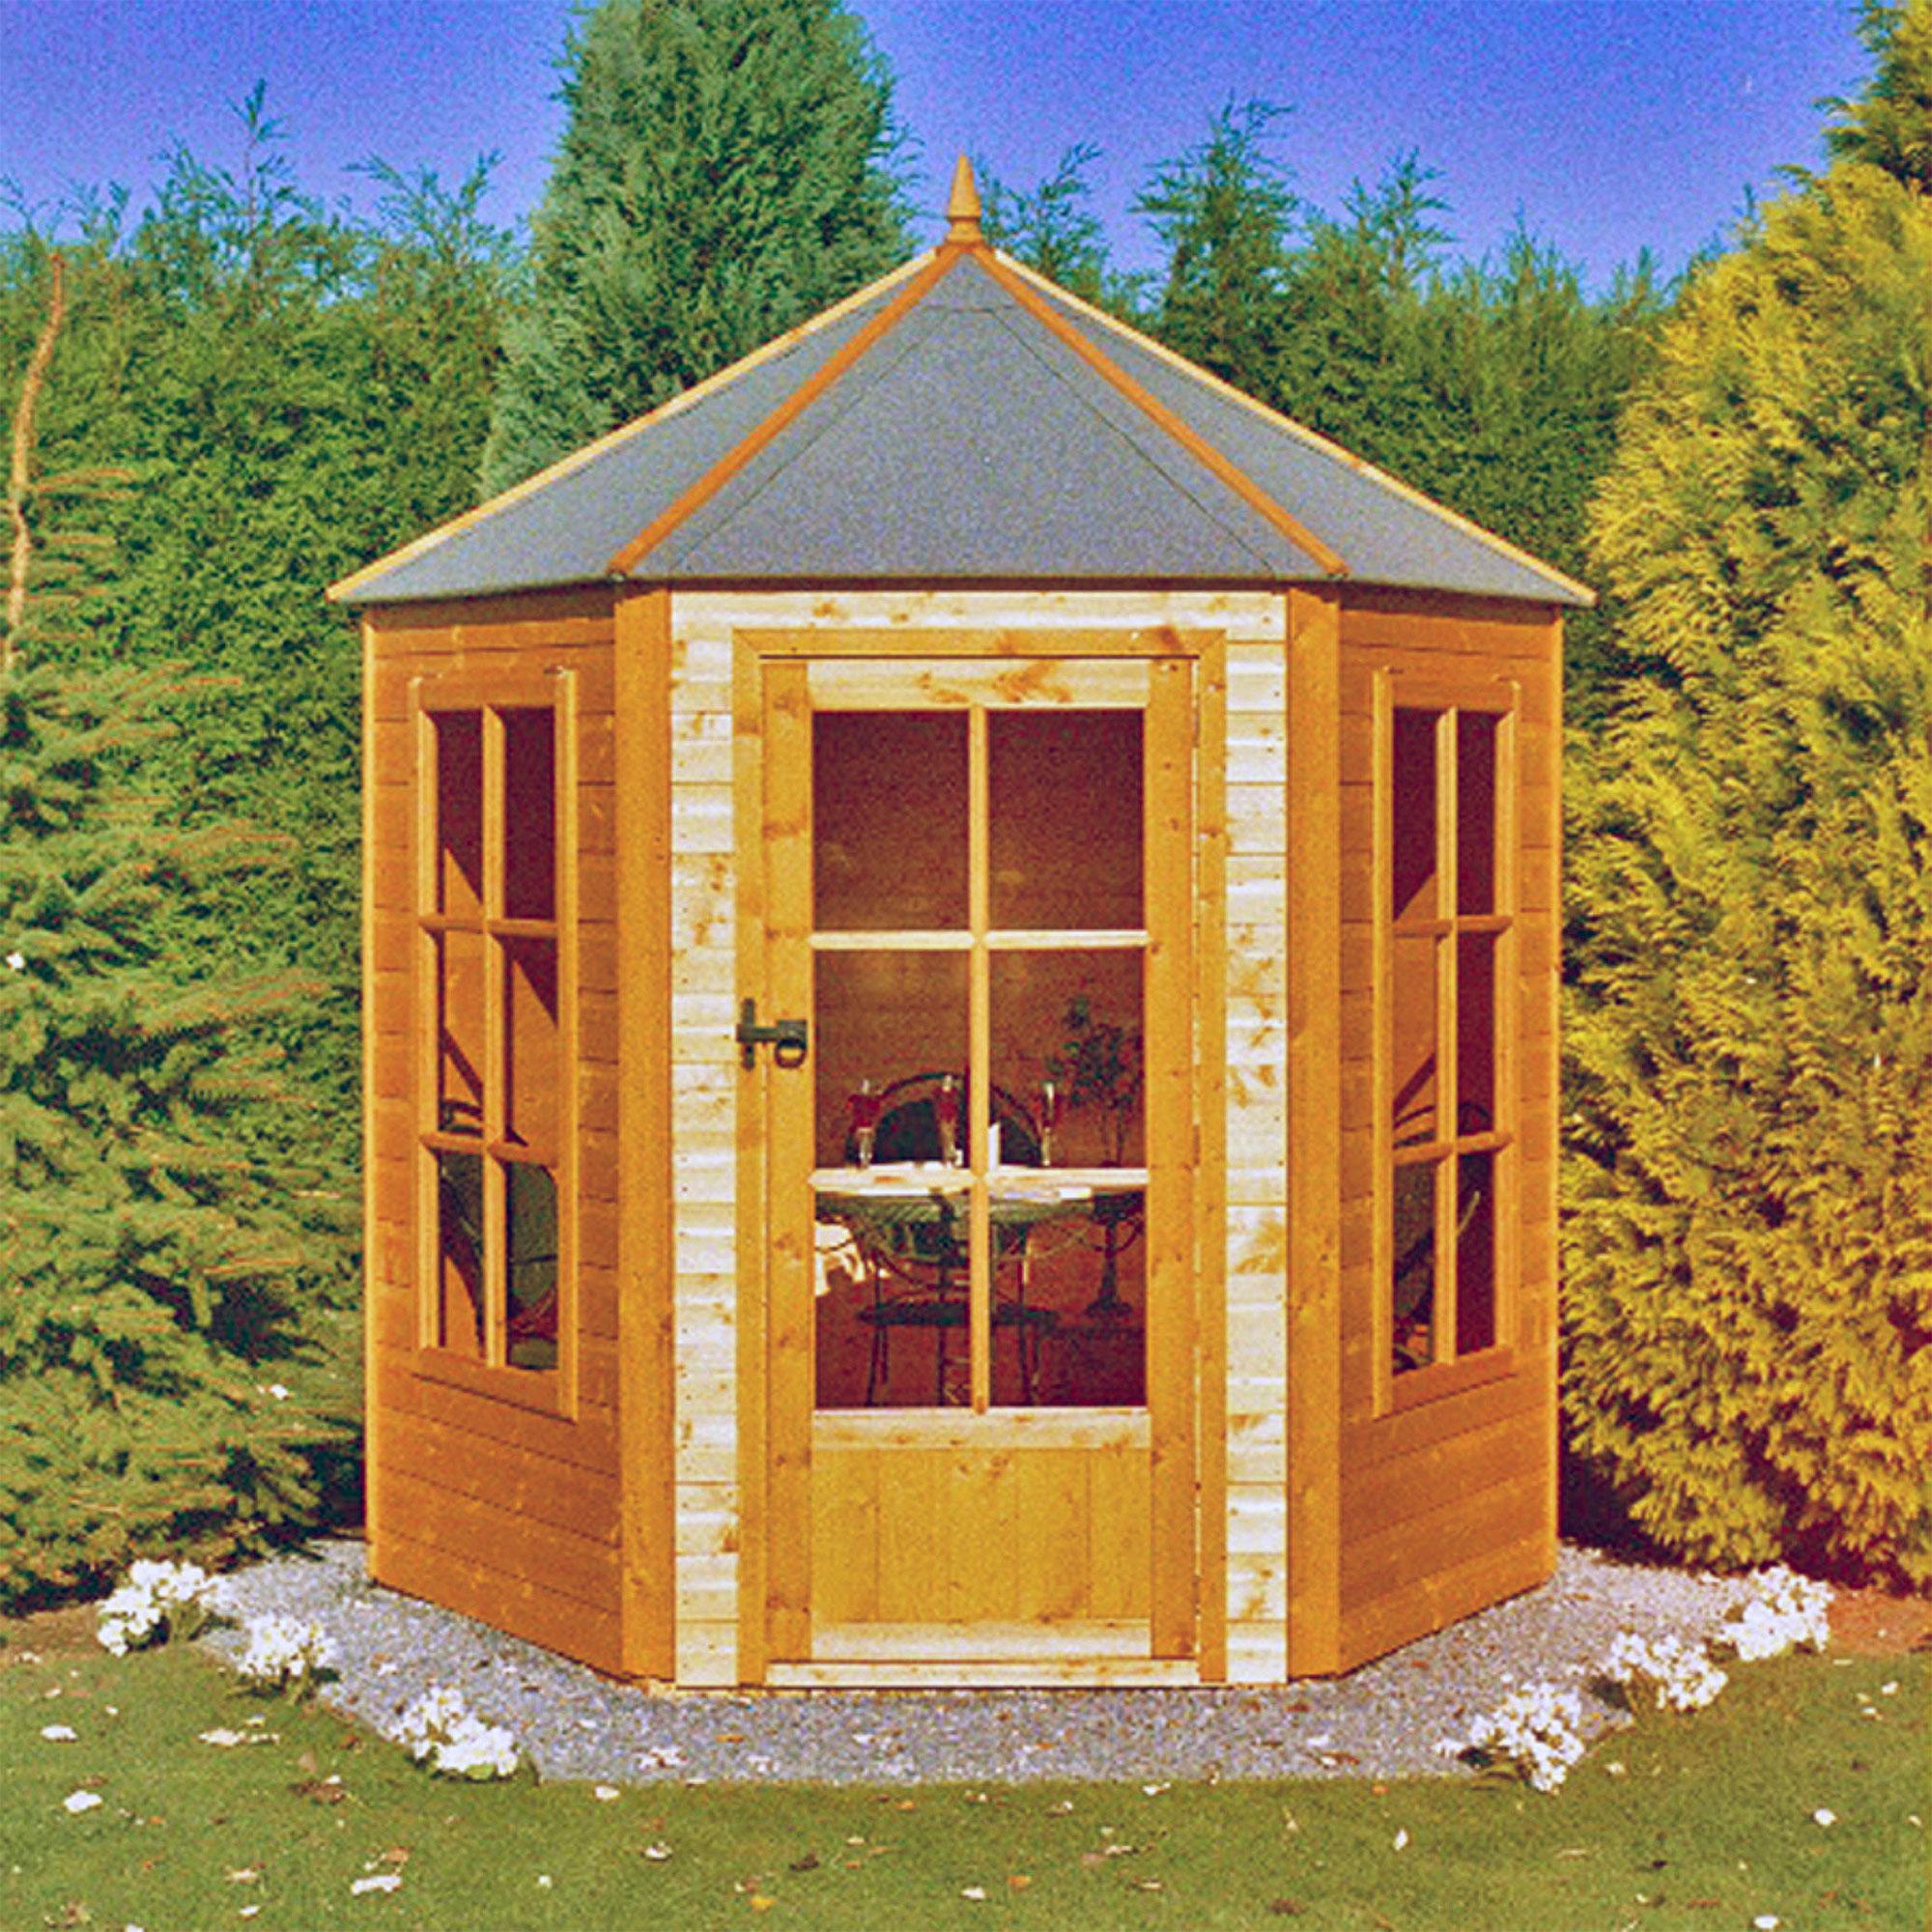 7'1 x 6'2 Shire Gazebo Hexagonal Summerhouse